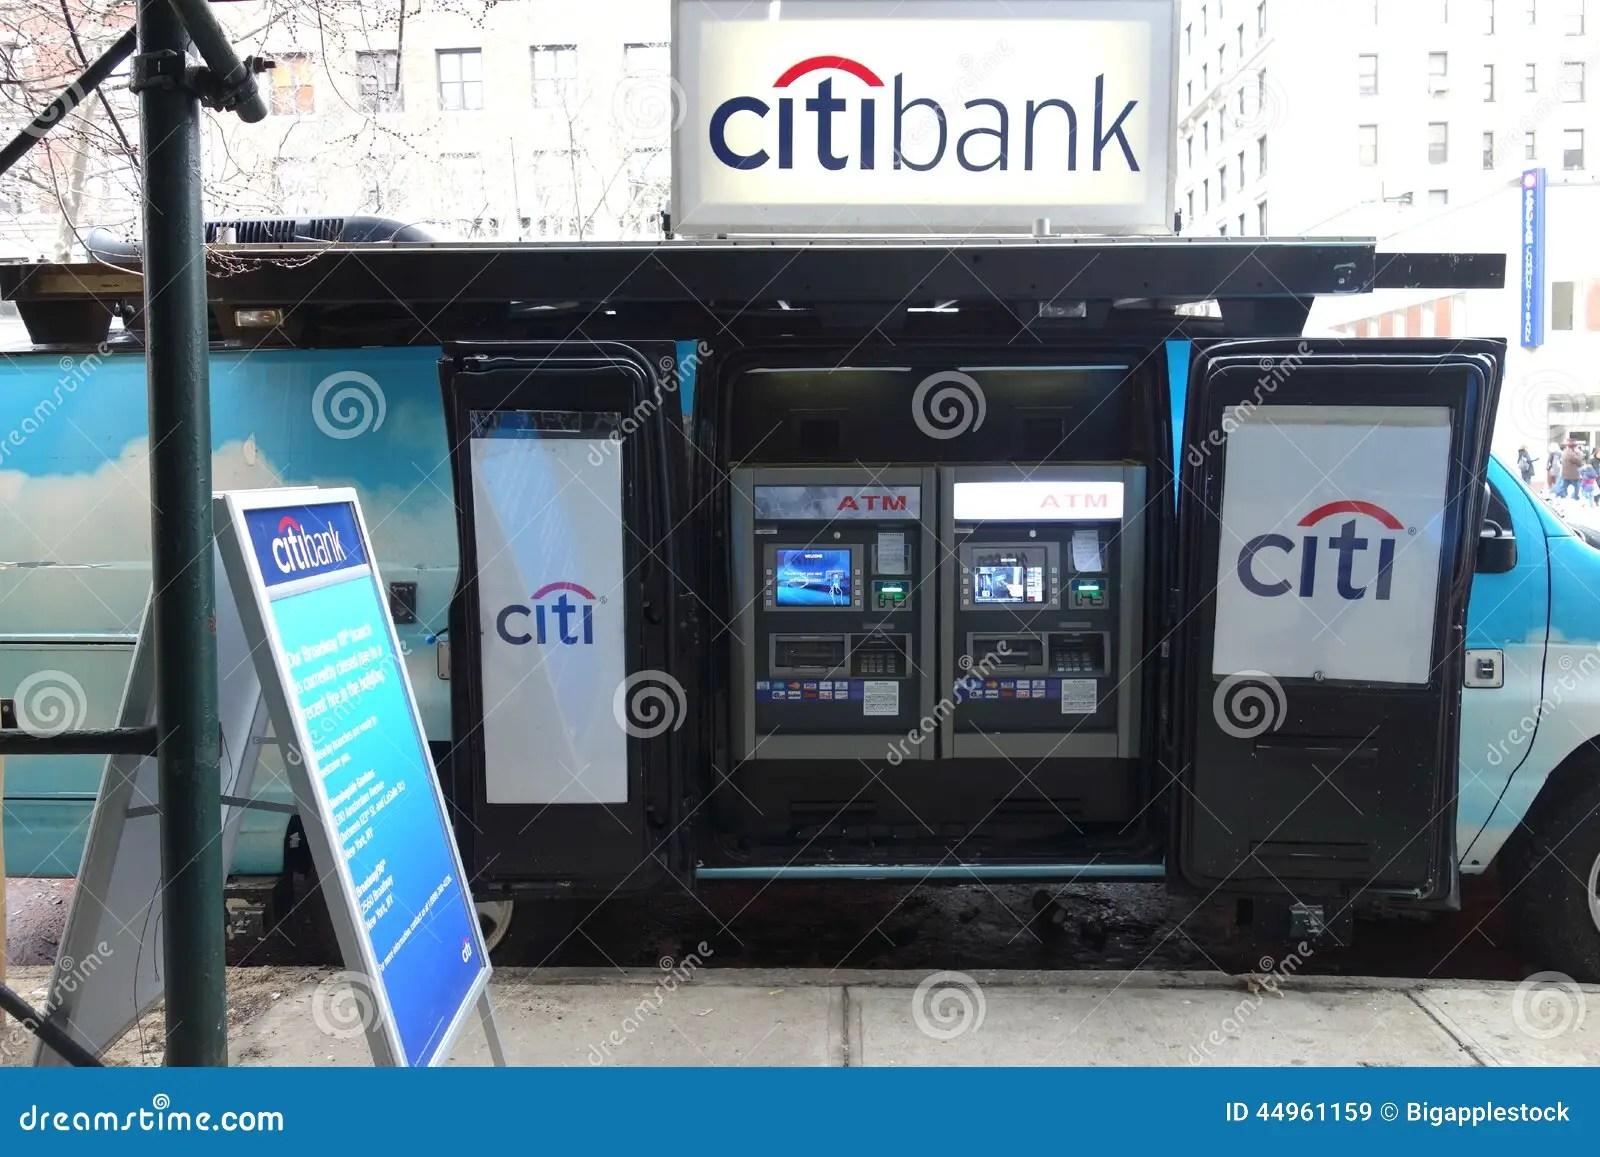 Citi Bank Teller